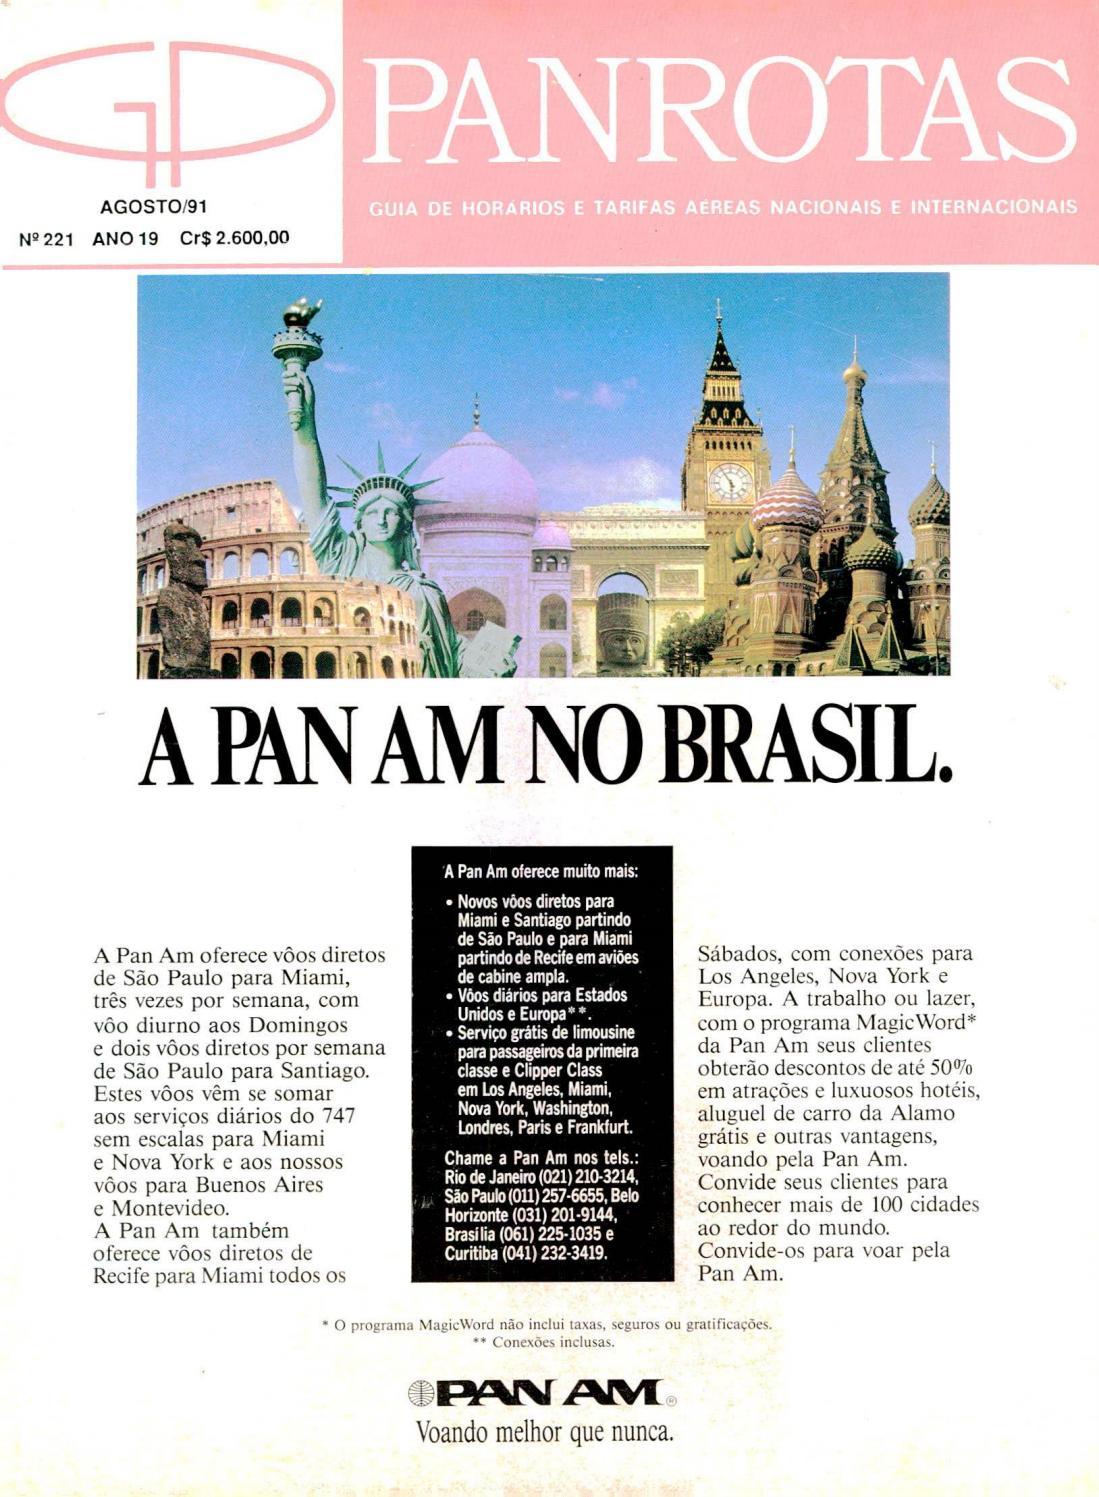 030a1da55c Guia PANROTAS - Edição 221 - Agosto 1991 by PANROTAS Editora - issuu